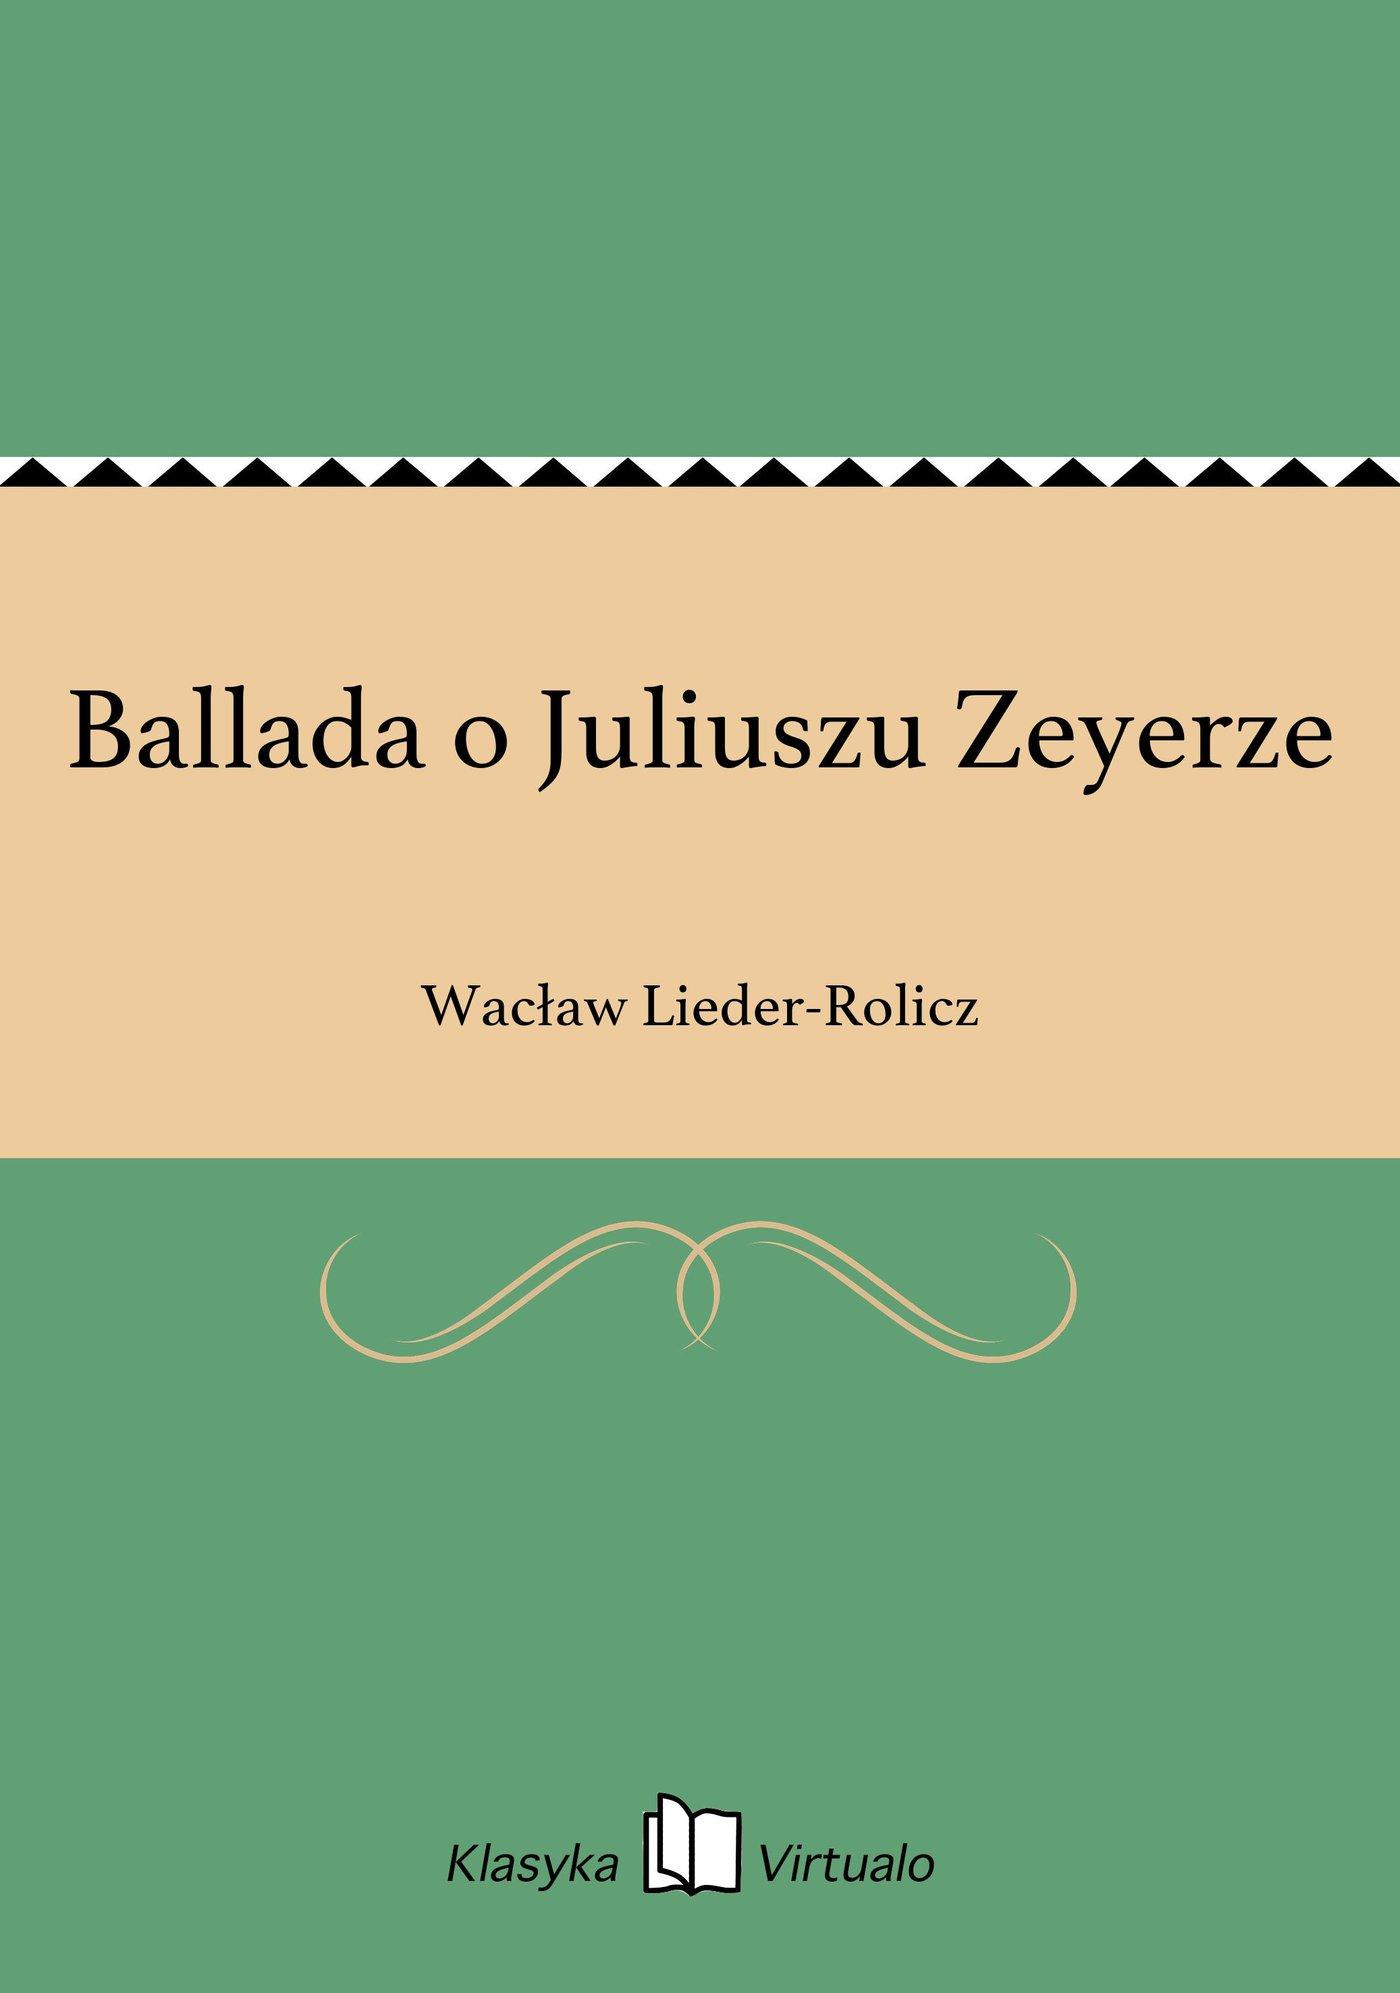 Ballada o Juliuszu Zeyerze - Ebook (Książka EPUB) do pobrania w formacie EPUB